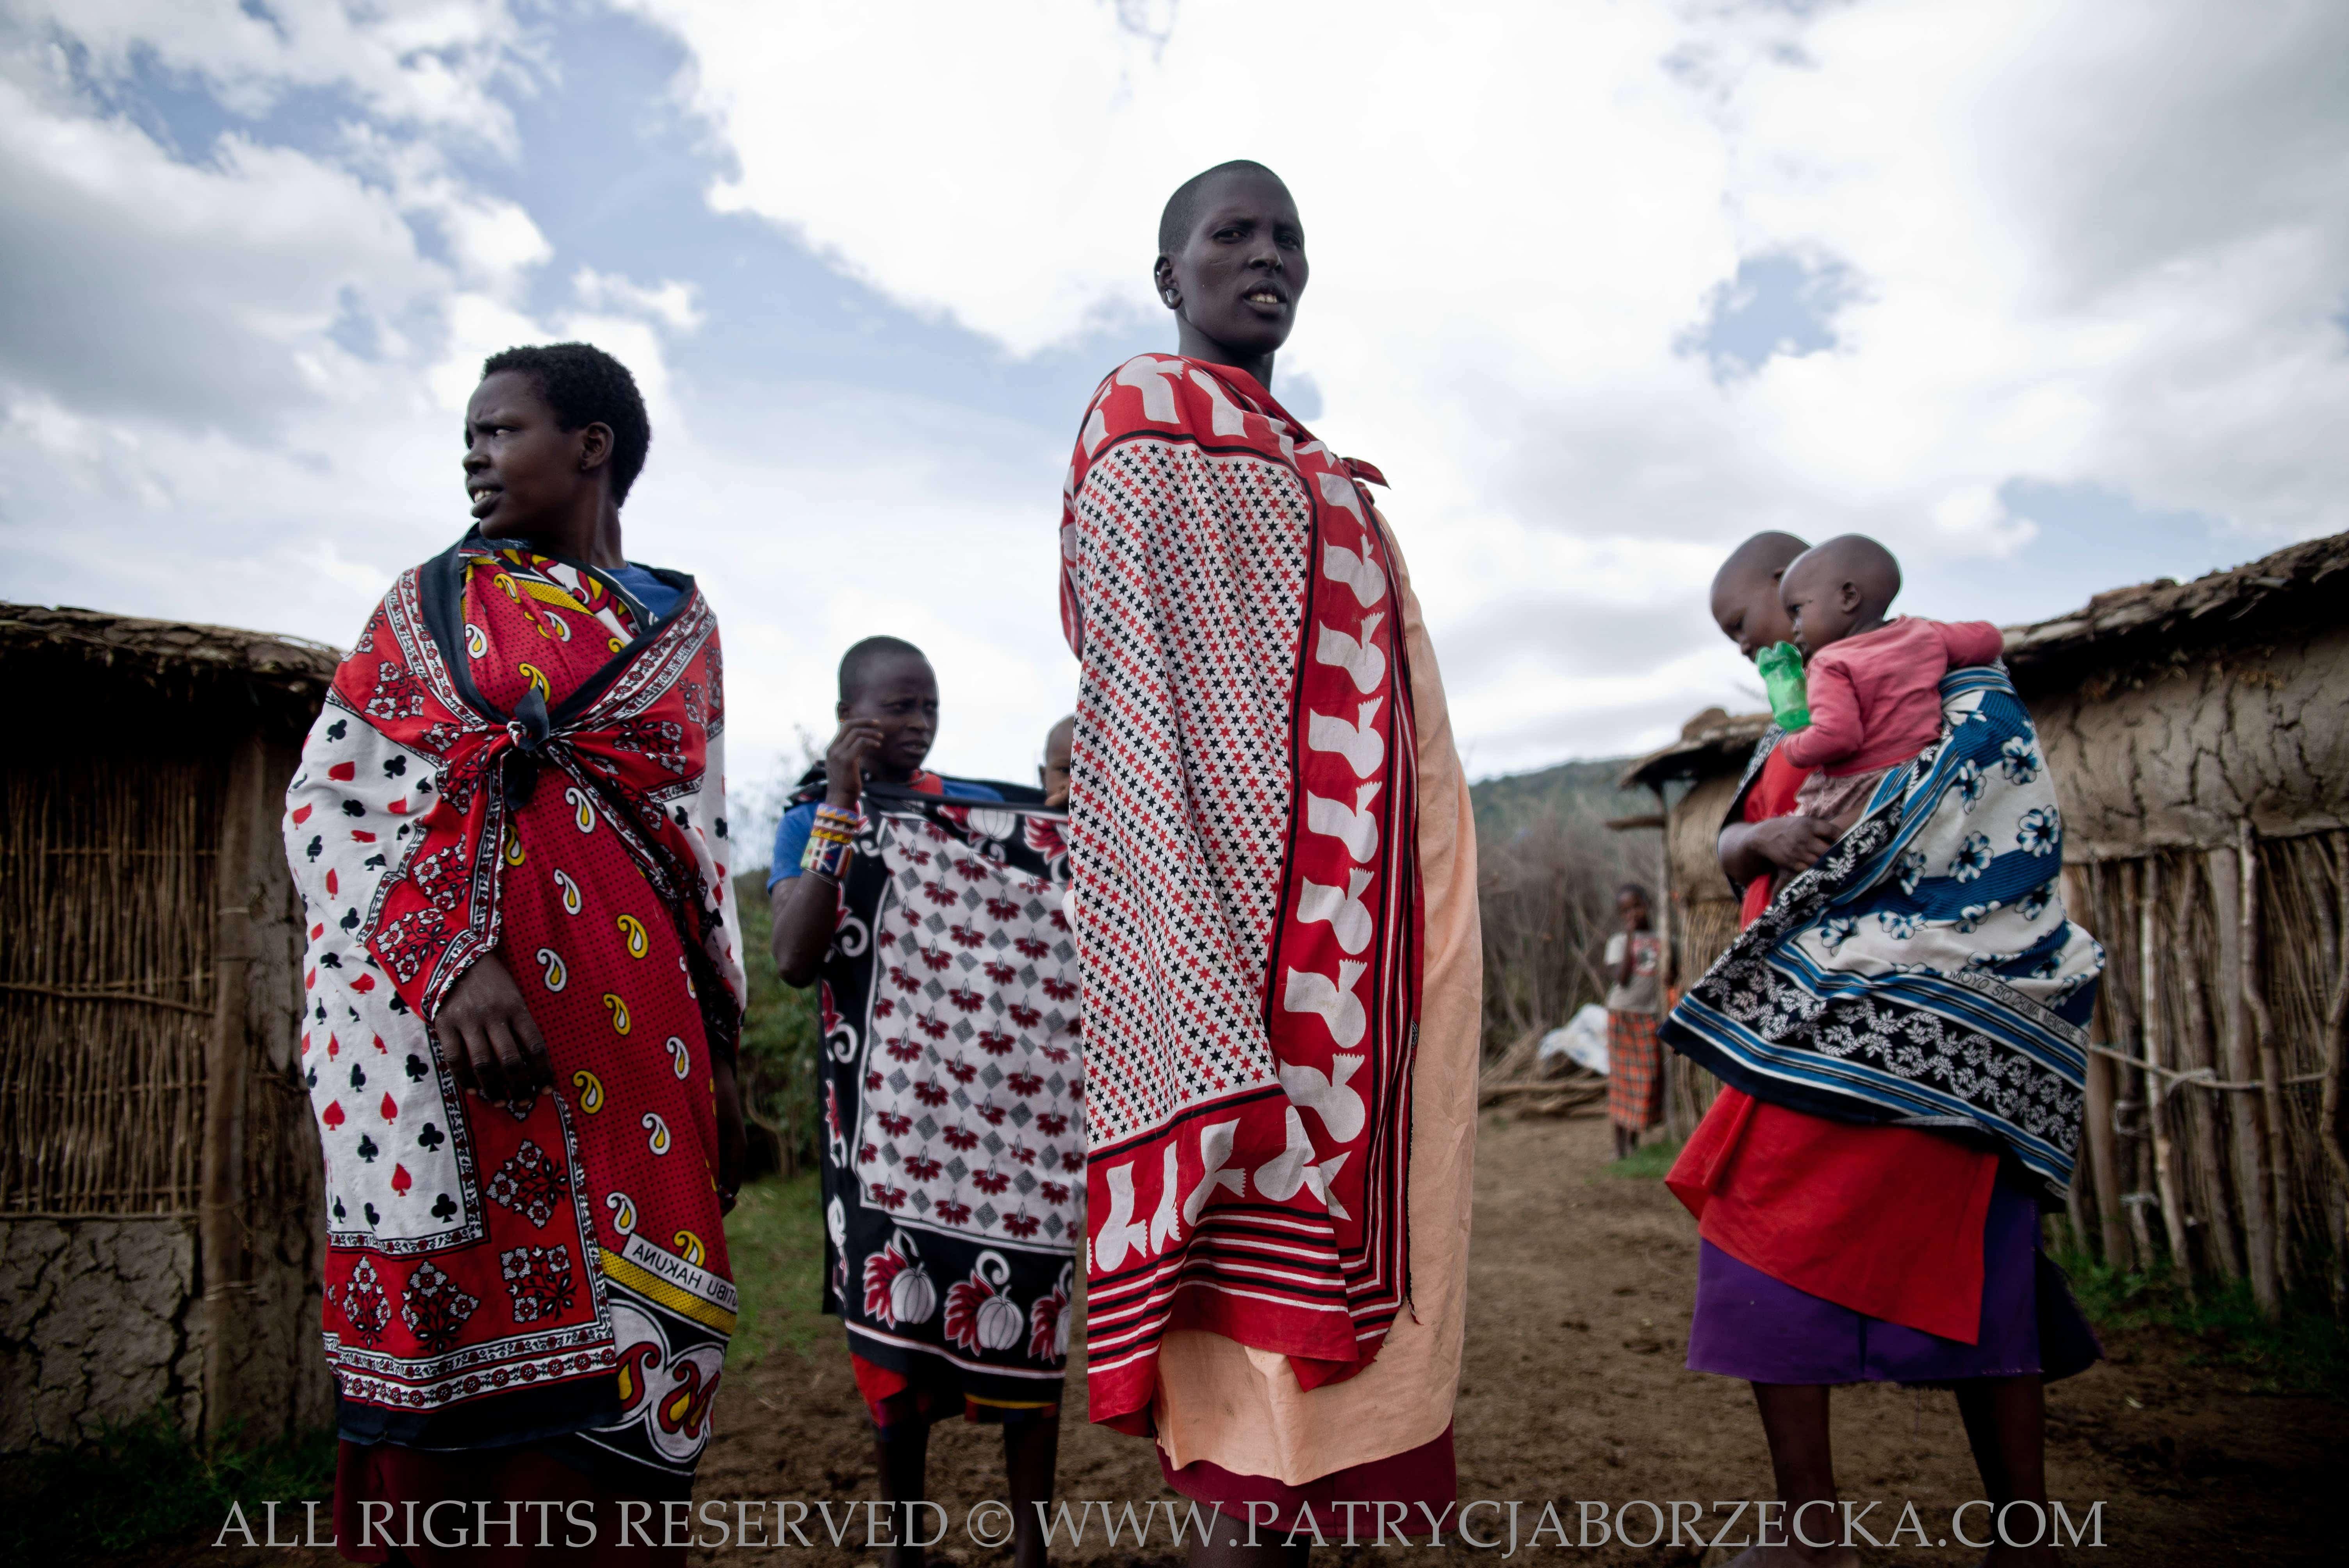 Kobiety masajskie wtradycyjnych strojach. Masai Mara, Kenia, luty 2015.